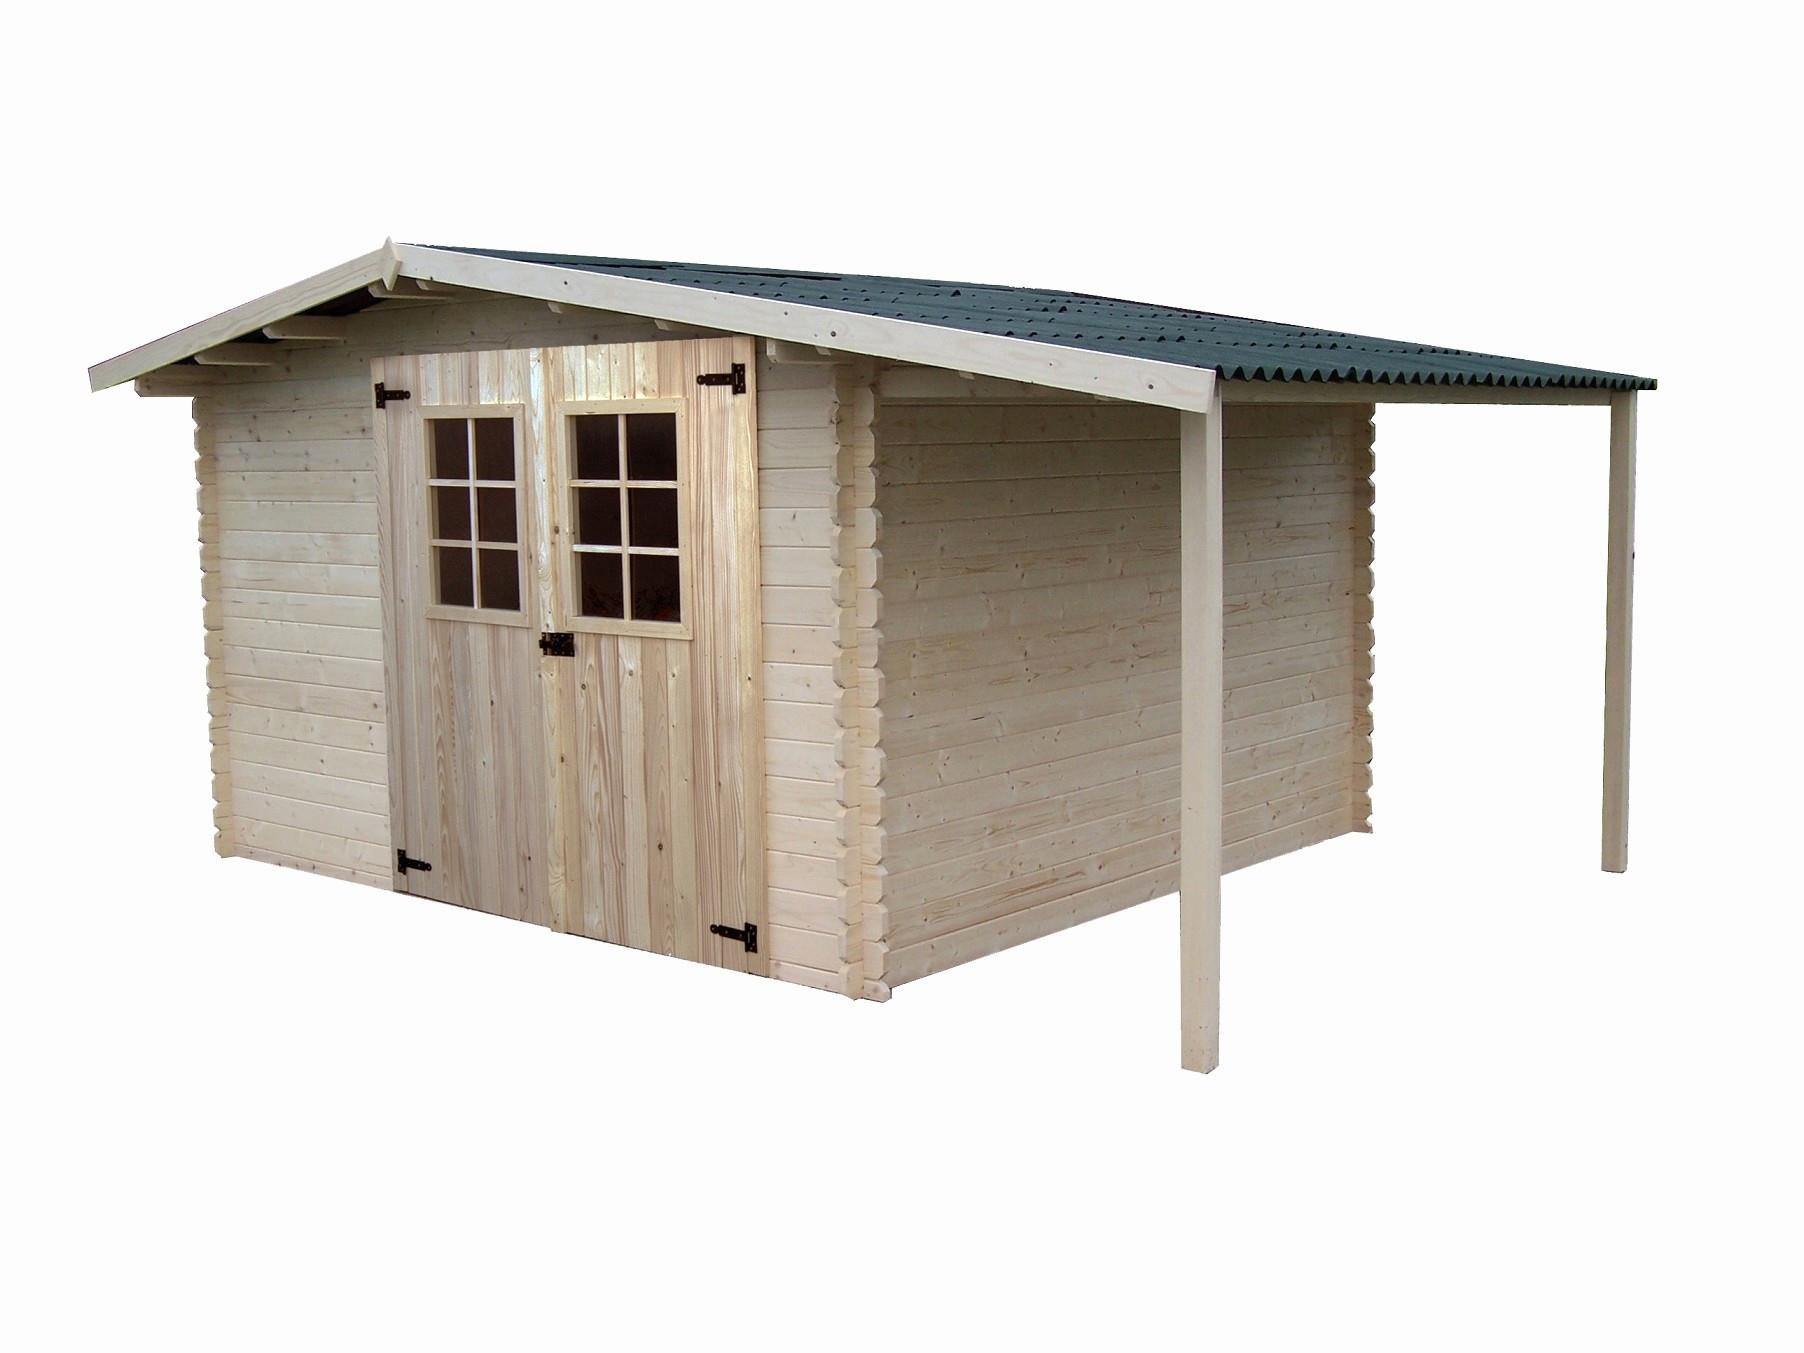 Idee Deco Interieur Cabane En Bois Meilleur De Images Castorama Cabane Jardin Idée Malgré Les Foyer – Sullivanmaxx